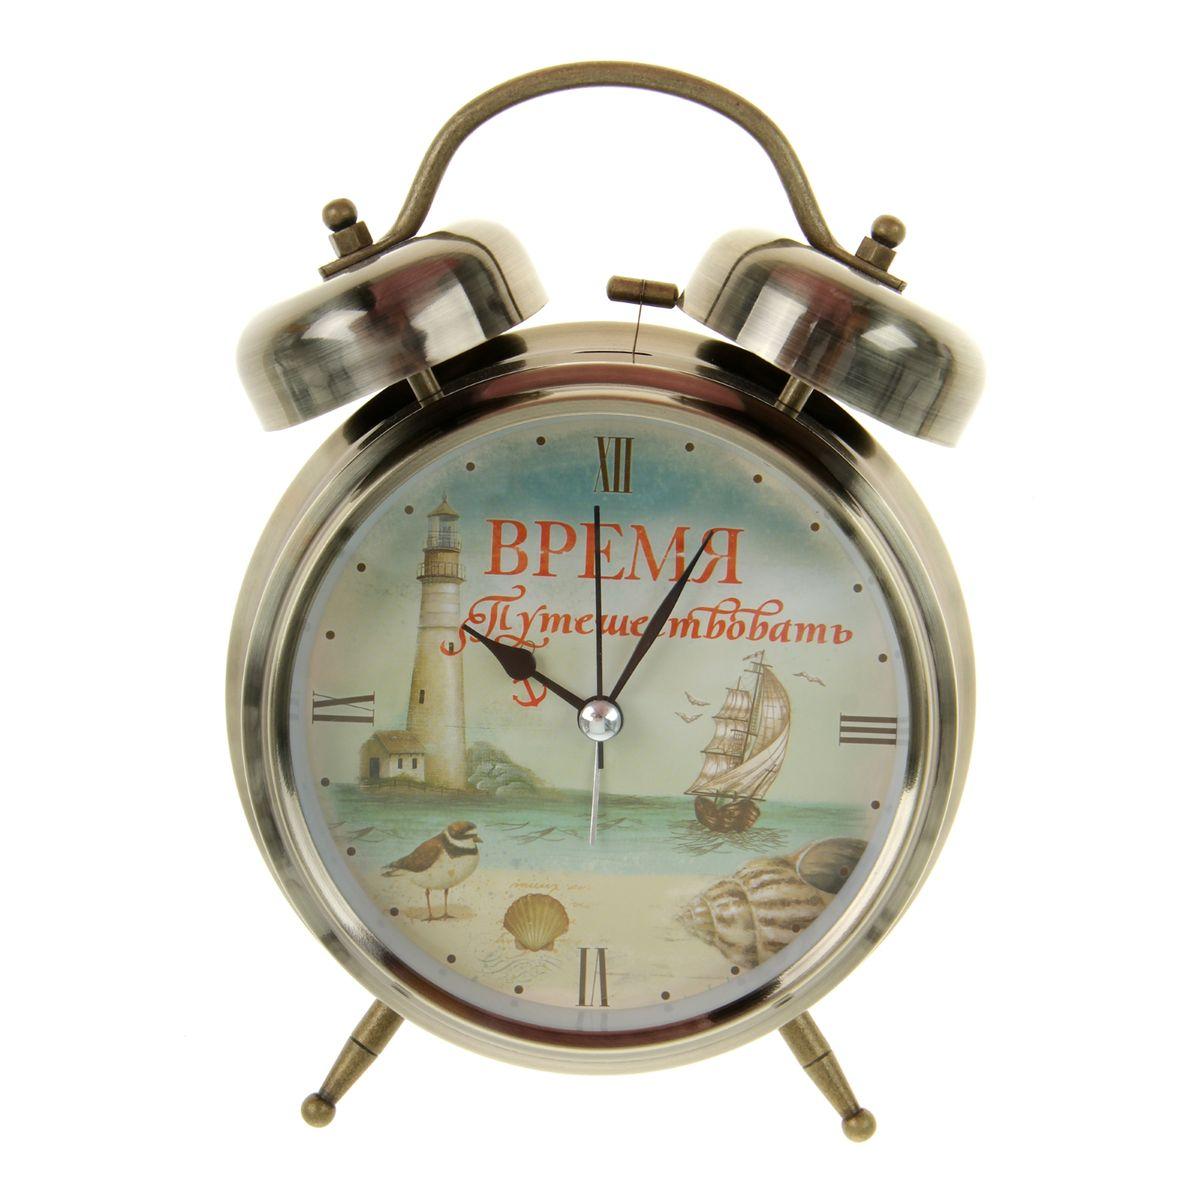 Часы-будильник Sima-land Время путешествовать699318Как же сложно иногда вставать вовремя! Всегда так хочется поспать еще хотя бы 5 минут и бывает, что мы просыпаем. Теперь этого не случится! Яркий, оригинальный будильник Sima-land Время путешествовать поможет вам всегда вставать в нужное время и успевать везде и всюду. Будильник украсит вашу комнату и приведет в восхищение друзей. Время показывает точно и будит в установленный час. На задней панели будильника расположены переключатель включения/выключения механизма, а также два колесика для настройки текущего времени и времени звонка будильника. Также будильник оснащен кнопкой, при нажатии и удержании которой, подсвечивается циферблат. Будильник работает от 1 батарейки типа C напряжением 1,5V (не входит в комплект).